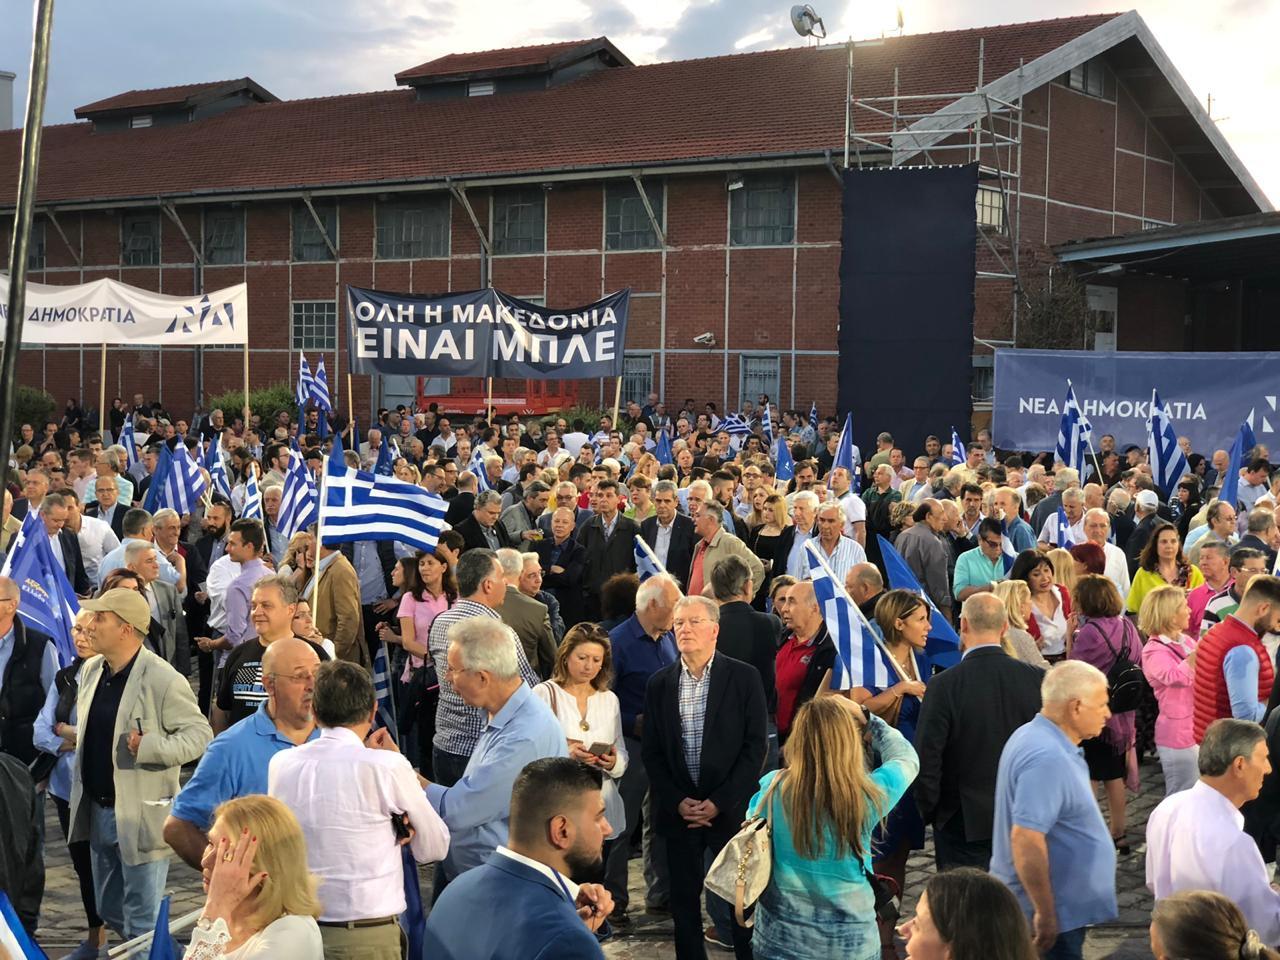 Εικόνα από το συγκεντρωμένο πλήθος στη Θεσσαλονίκη πριν την ομιλία του Κυριάκου Μητσοτάκη